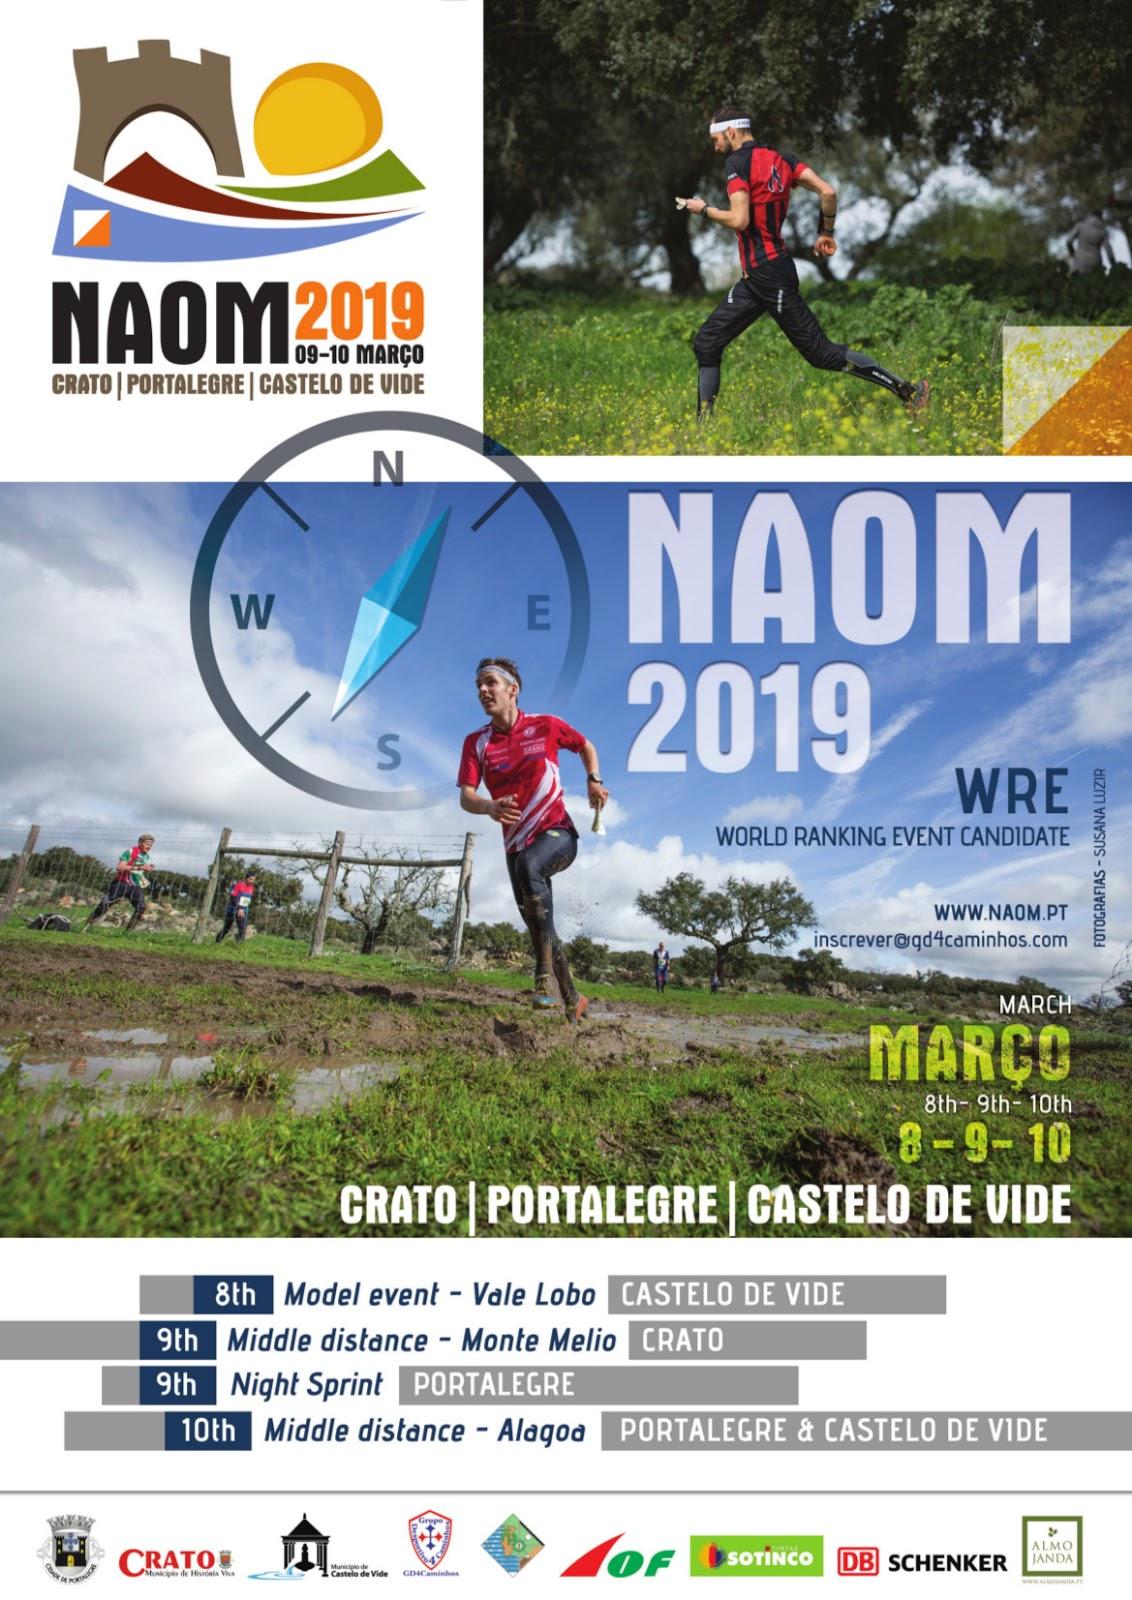 cartaz da NAOM 2019